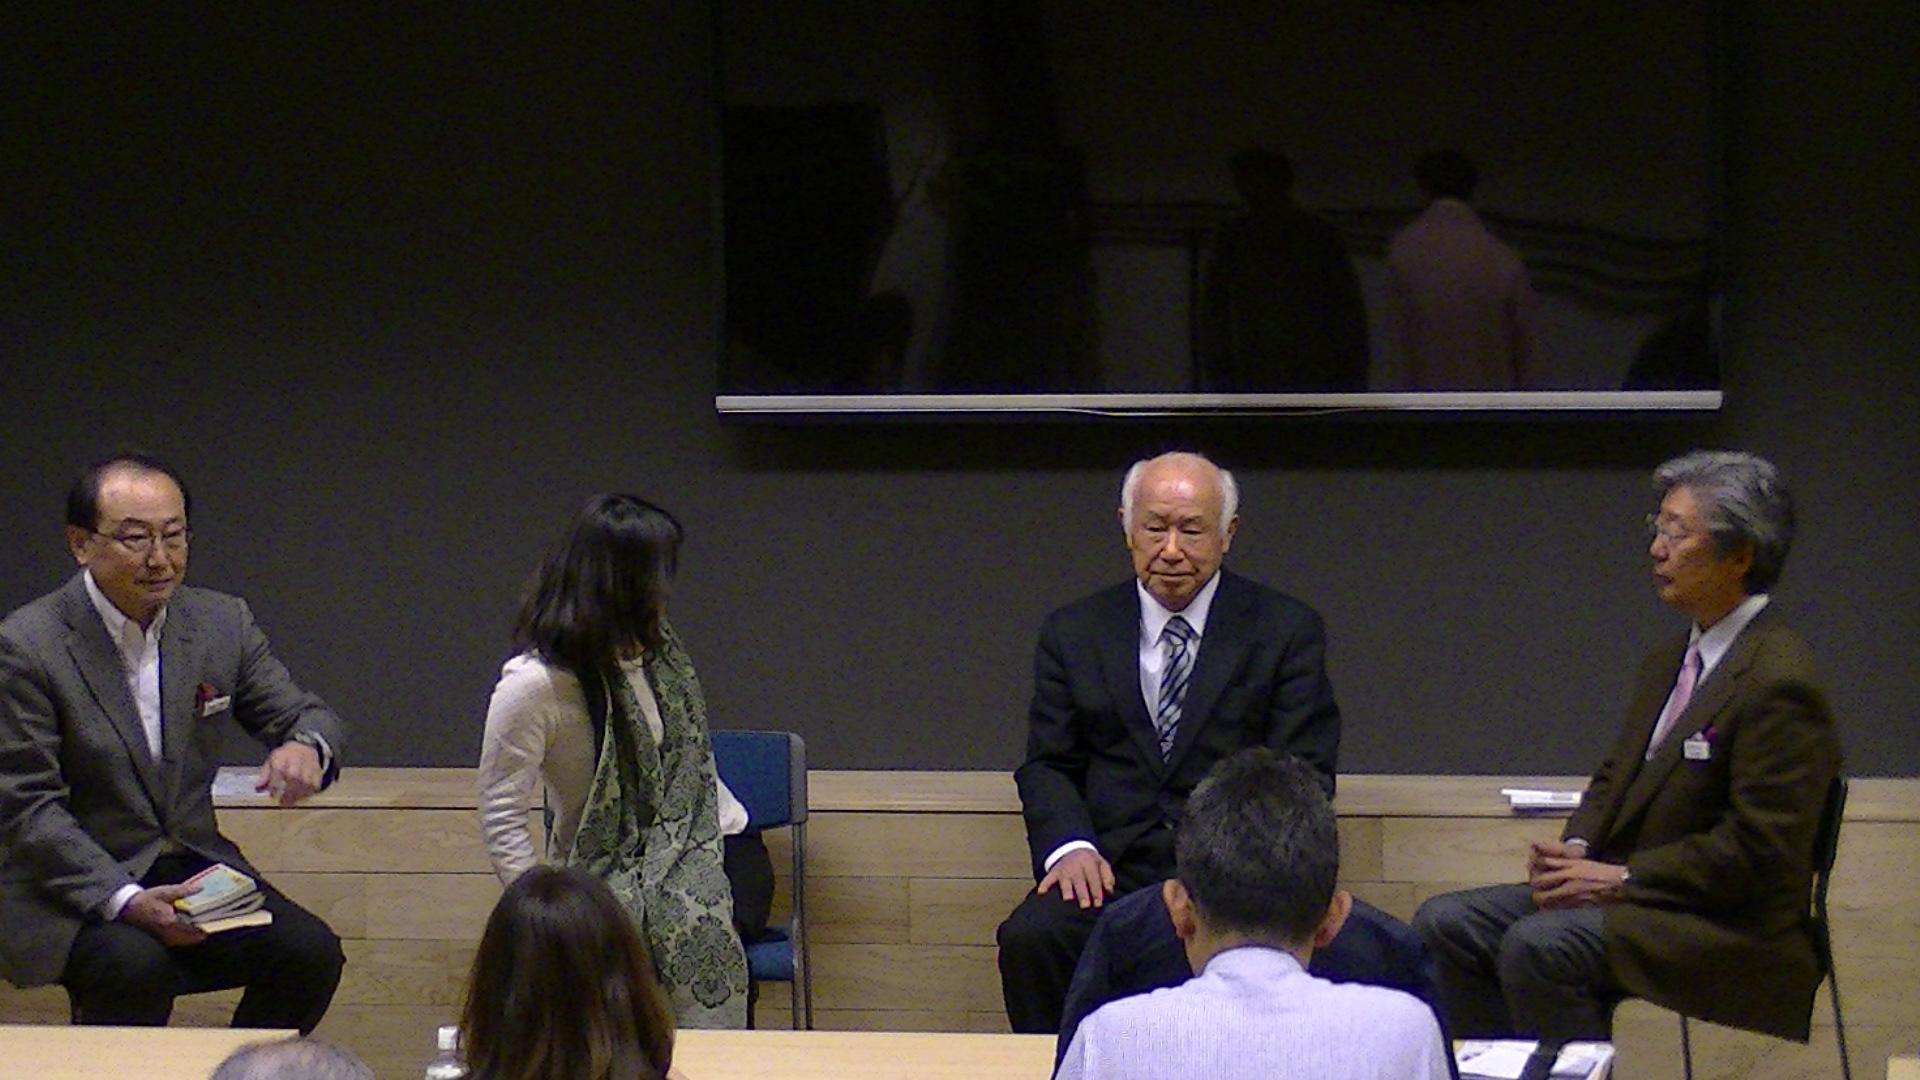 PIC 0541 - 平成30年度 東京思風塾 4月7日(土)「時代が問題をつくり、問題が人物をつくる」